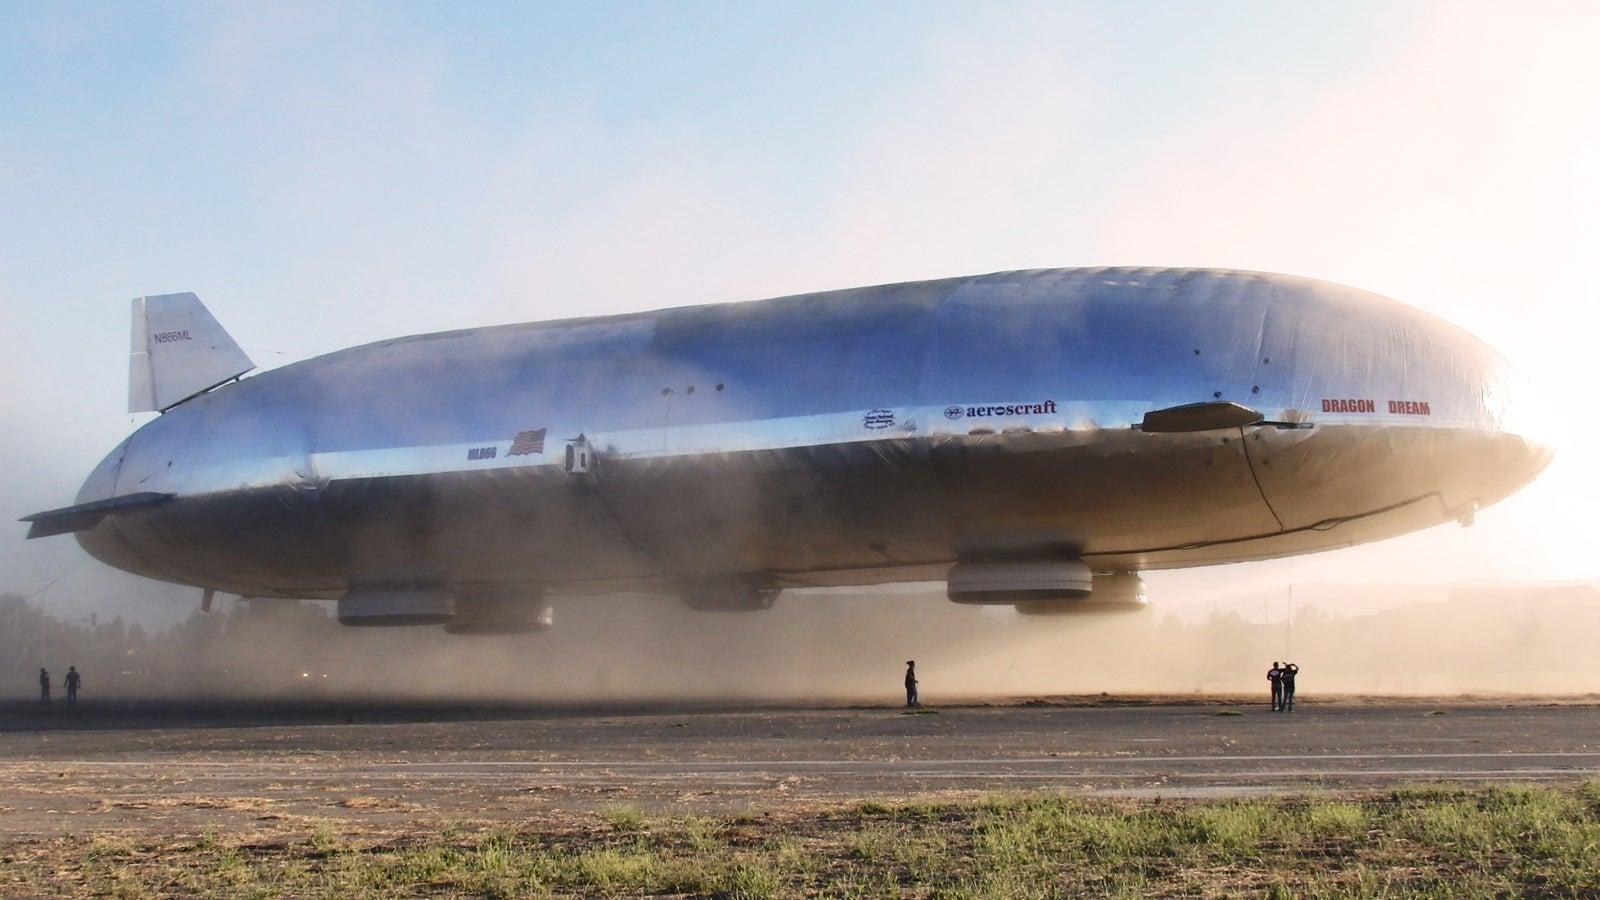 Reimagining the Zeppelin   SpaceBattles Forums